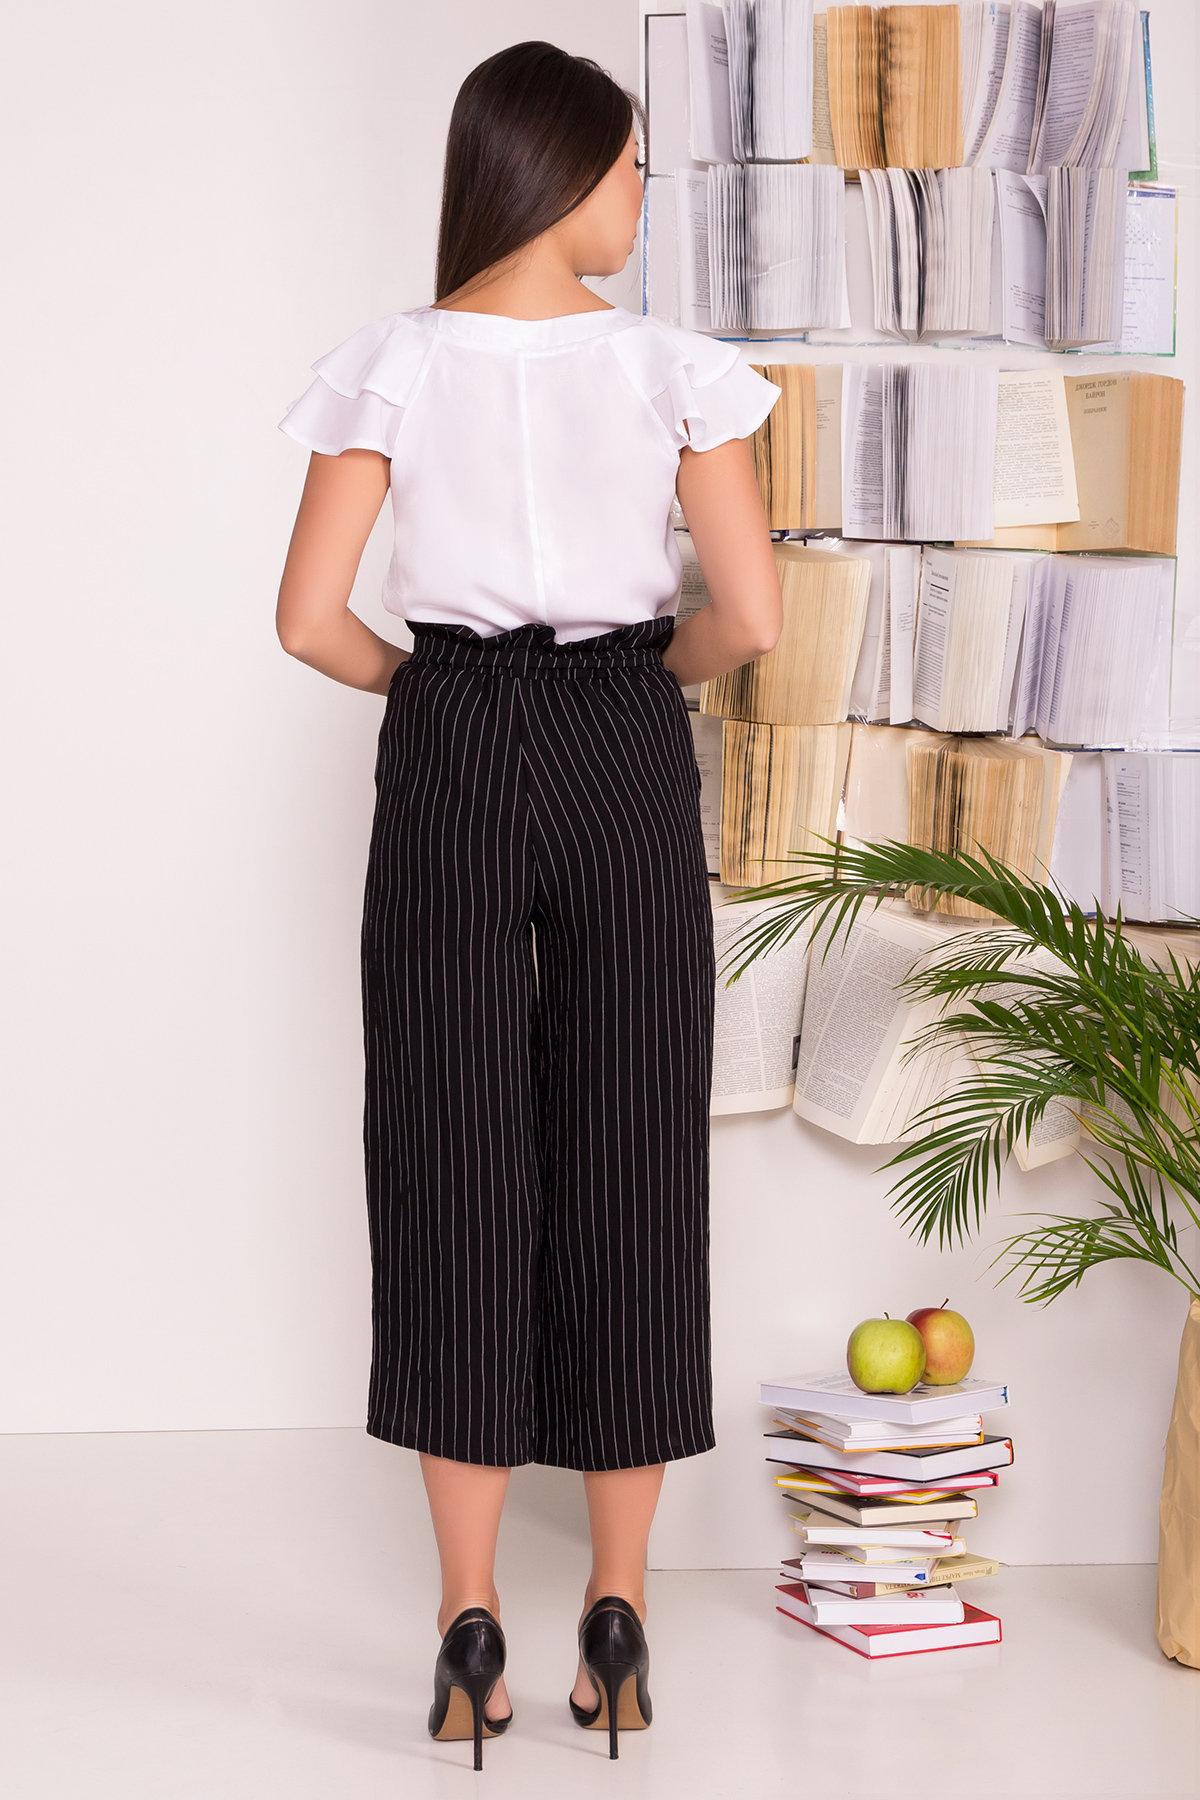 Блузка Инканто 7650 АРТ. 43578 Цвет: Белый - фото 3, интернет магазин tm-modus.ru